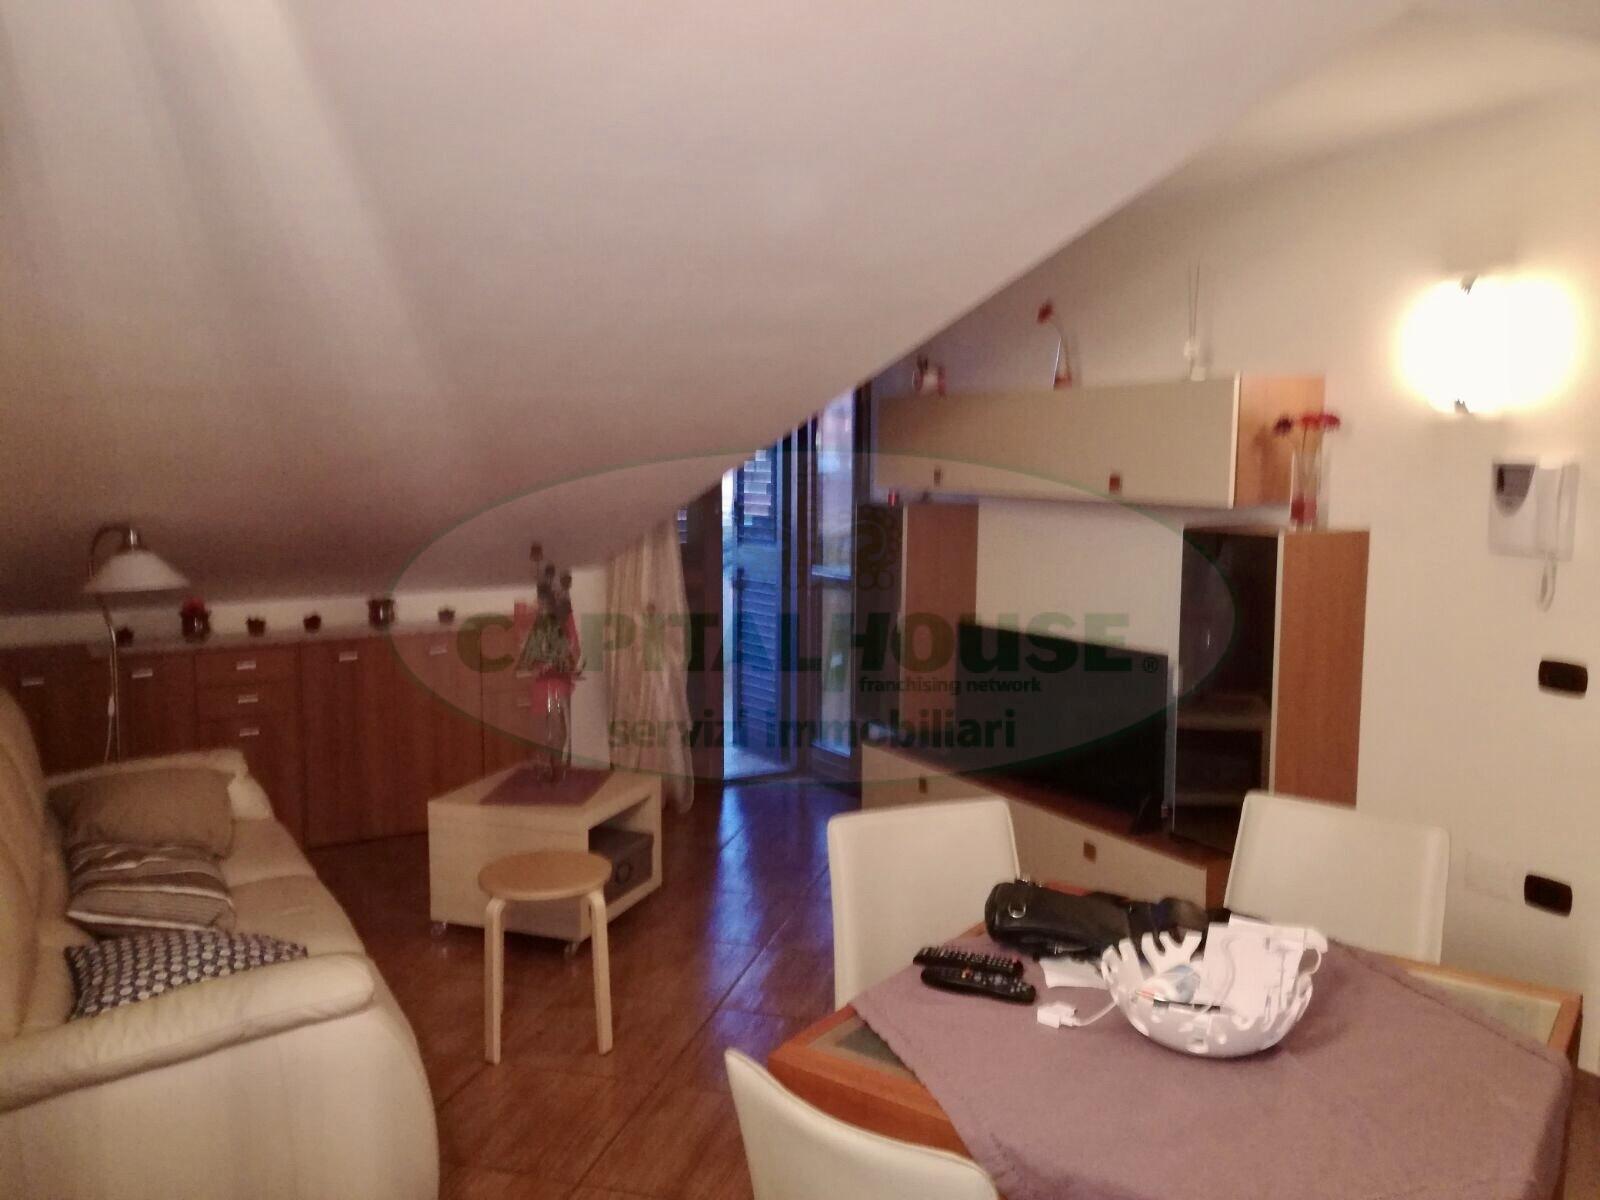 Attico / Mansarda in affitto a San Nicola la Strada, 3 locali, zona Località: L.DaVinci, prezzo € 450 | Cambio Casa.it